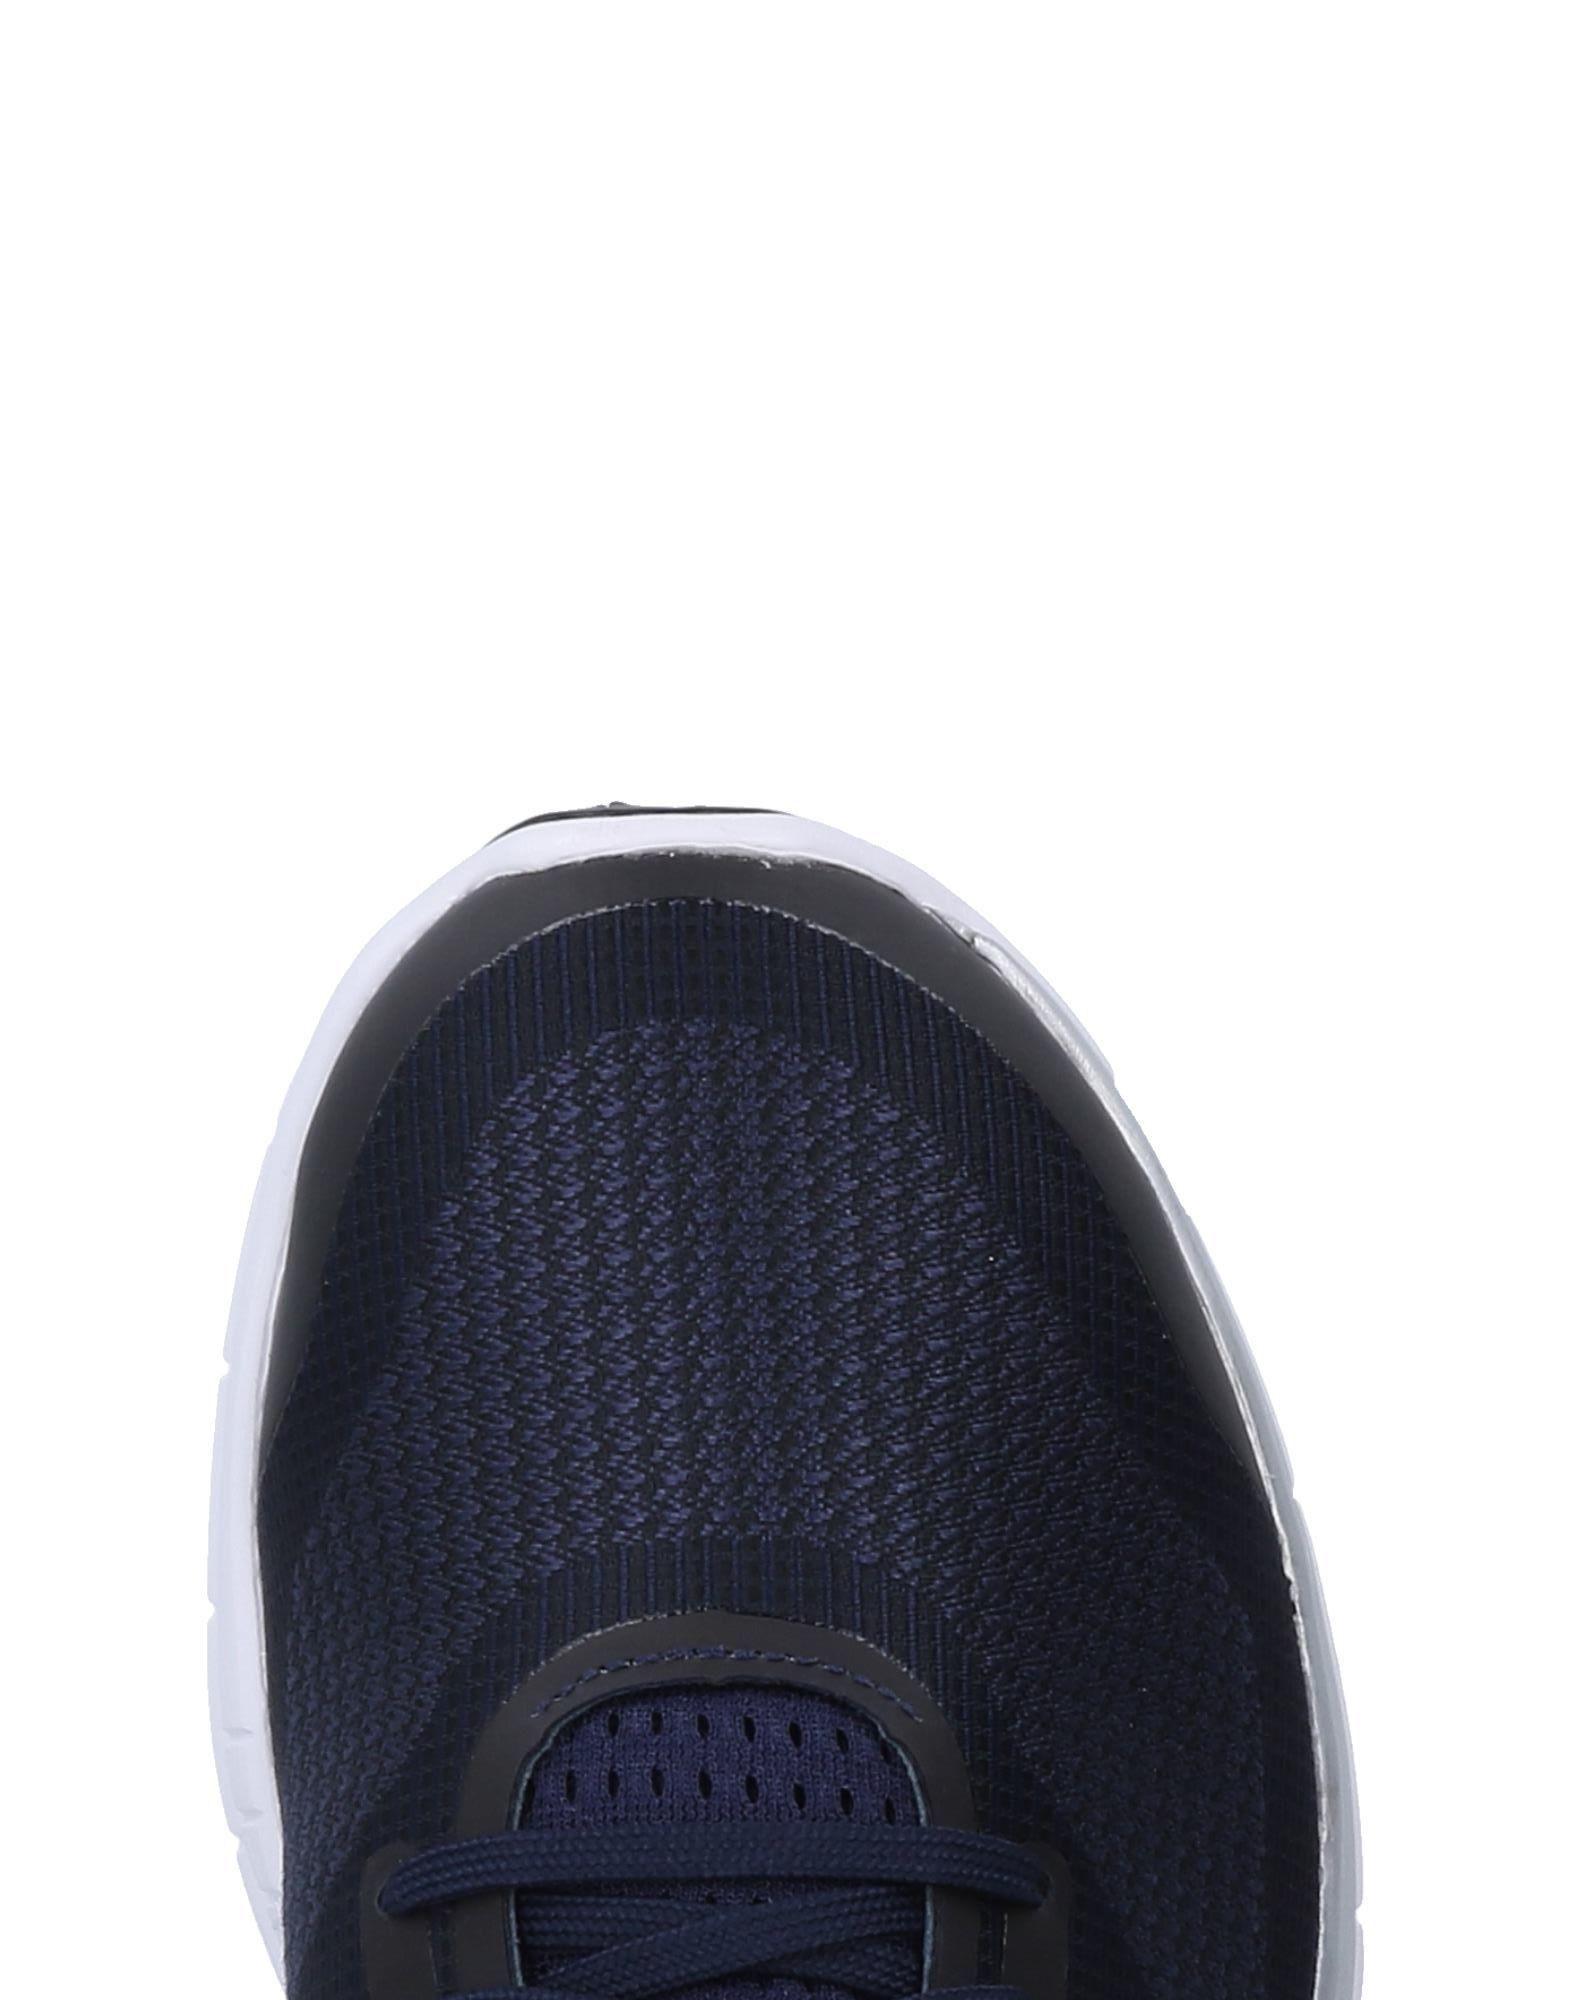 Rabatt echte Schuhe Under Armour Sneakers Herren  11508989LR